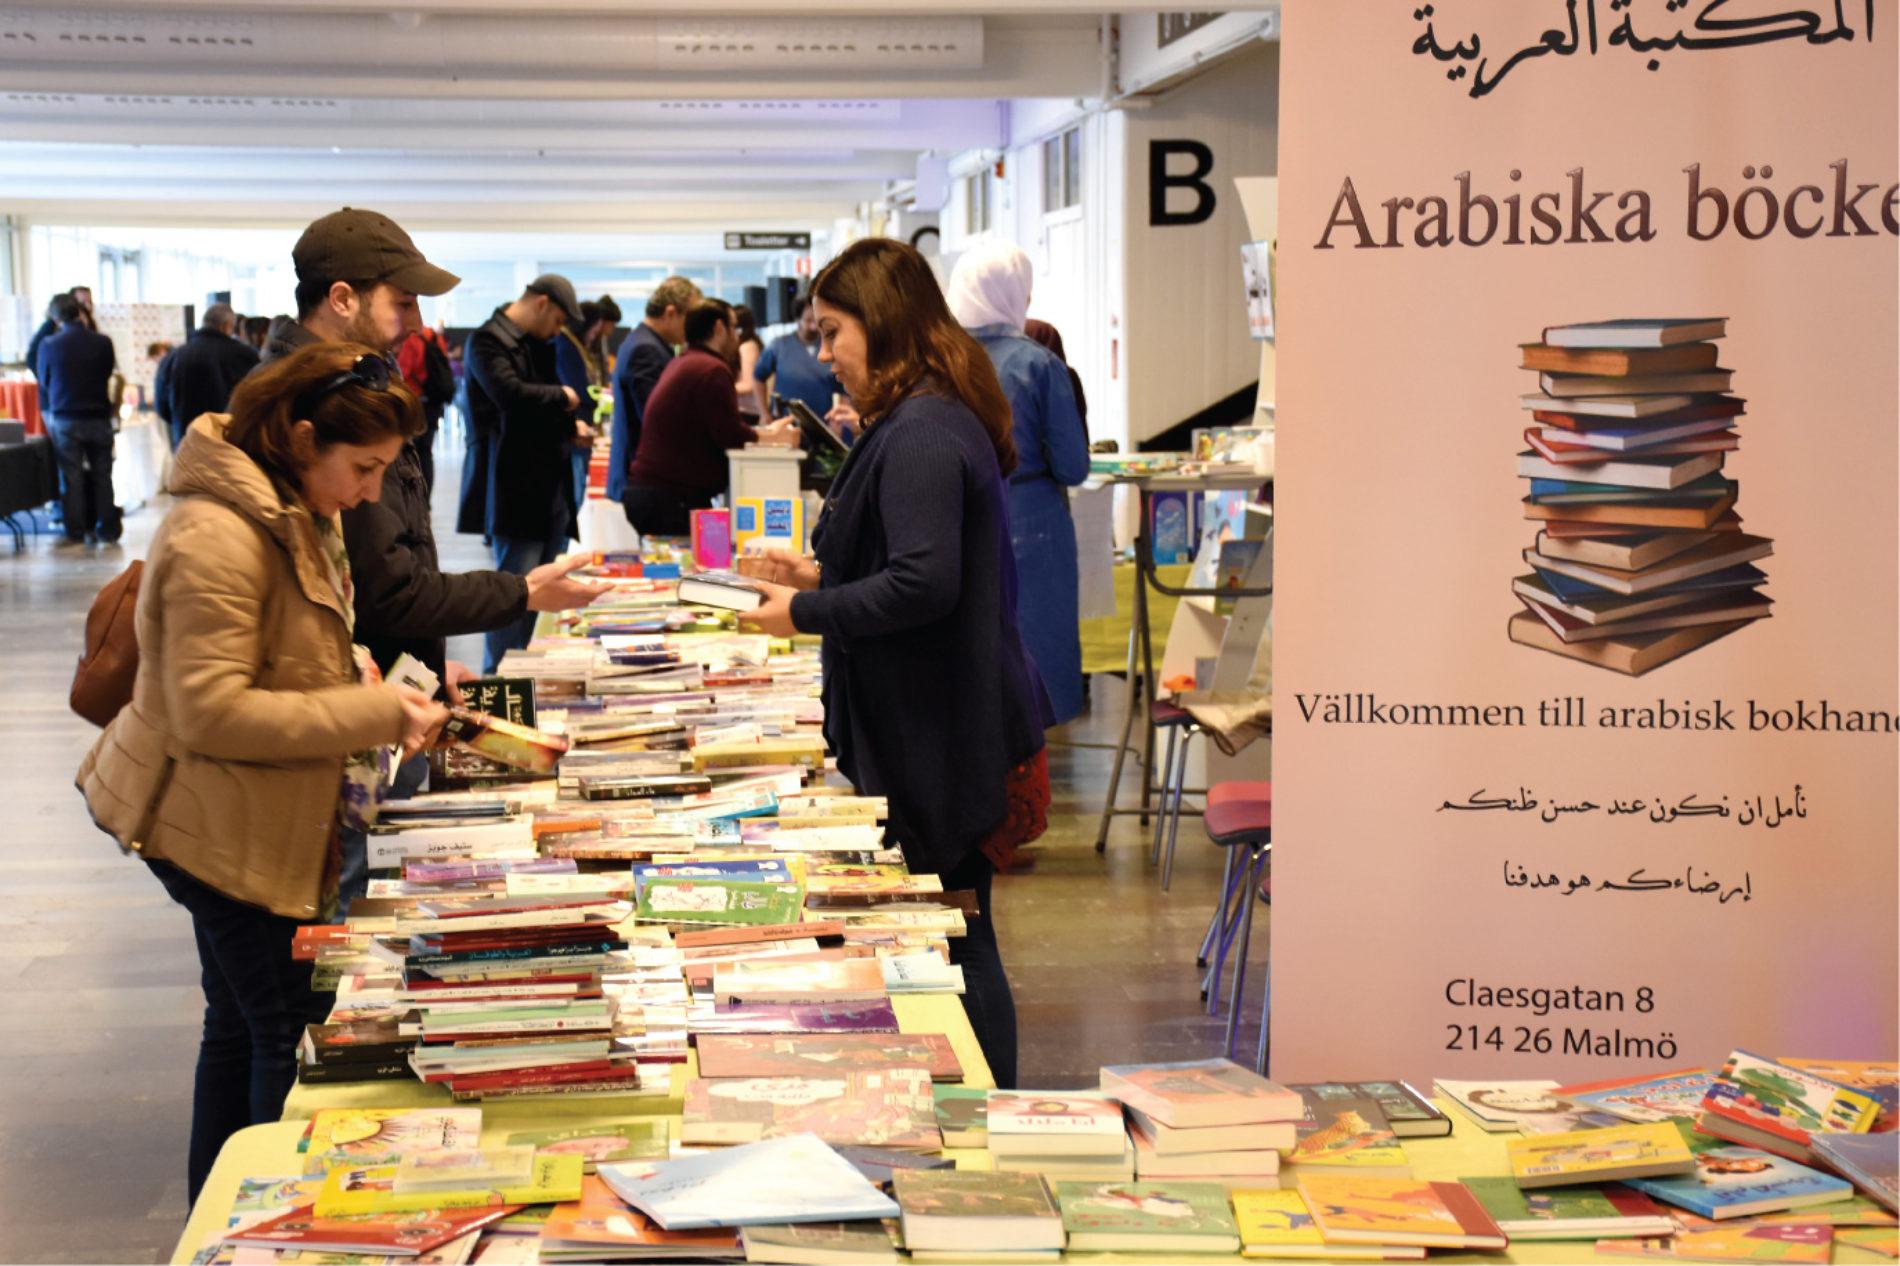 Första arabiska bokmässan i Skandinavien